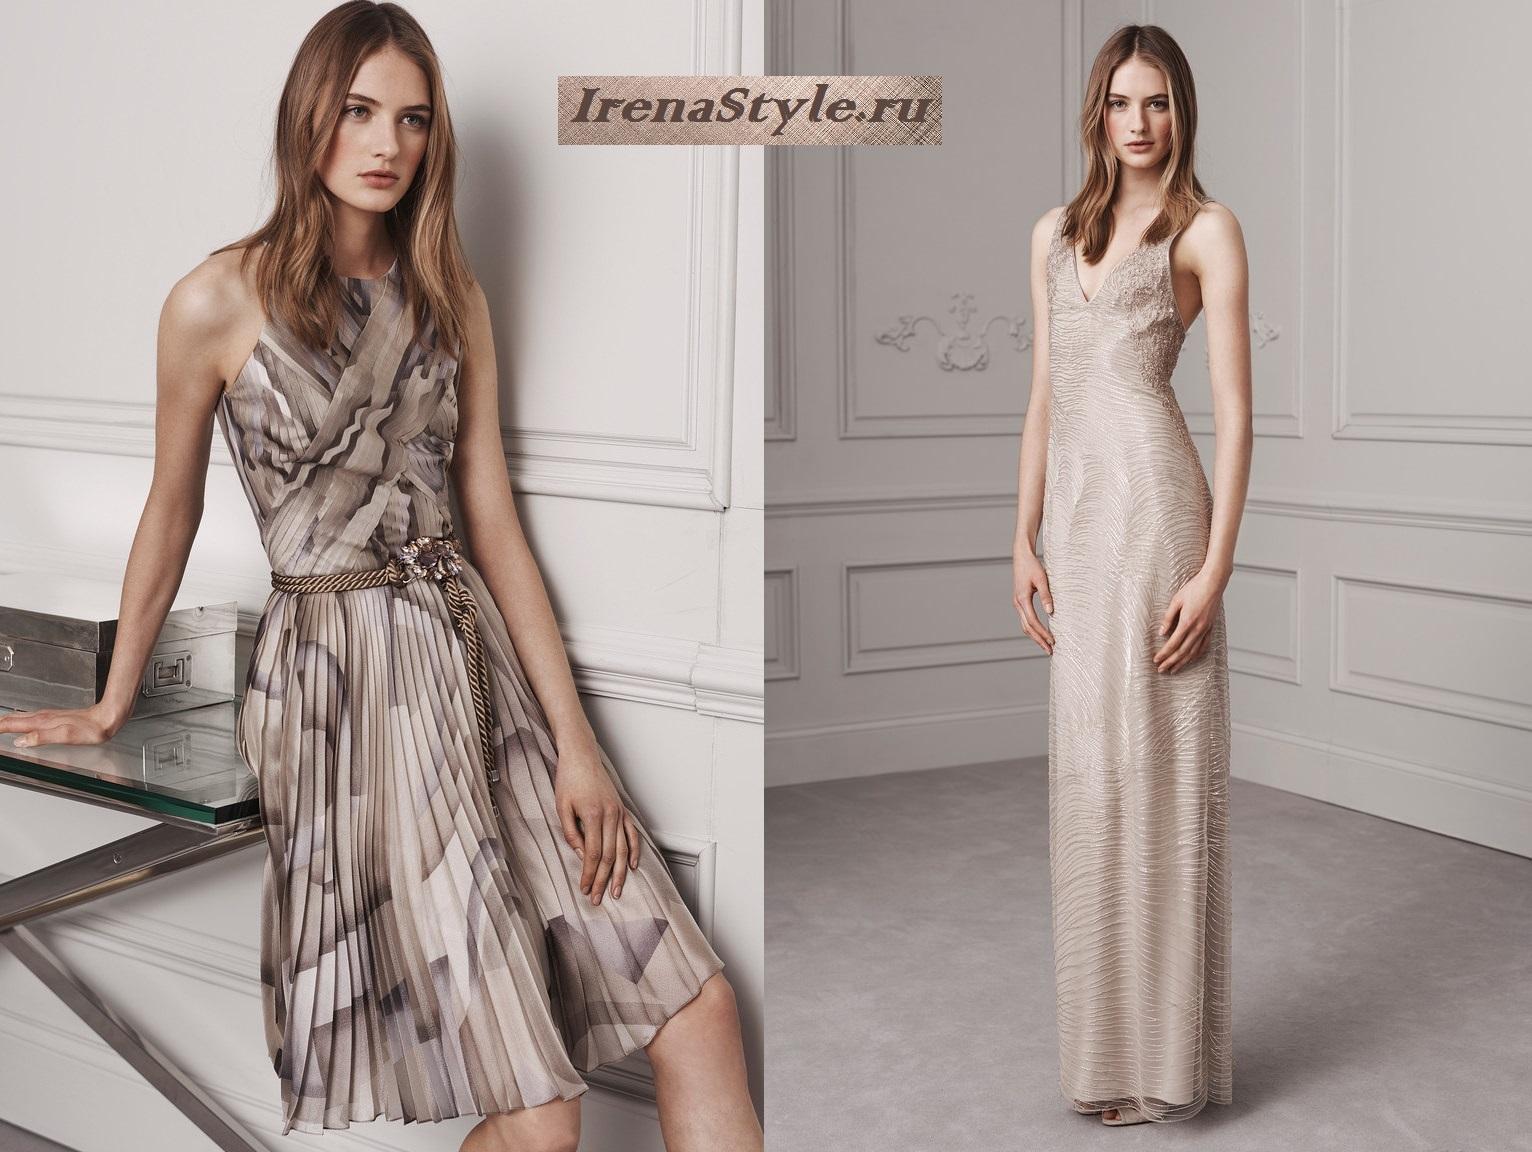 Ένα μπεζ φόρεμα είναι ένα καθολικό πράγμα που πρέπει να είναι στην ντουλάπα  της κάθε κυρίας. Αυτό το φόρεμα μπορεί να είναι και casual και βραδινό  φόρεμα. 4ec693e8664